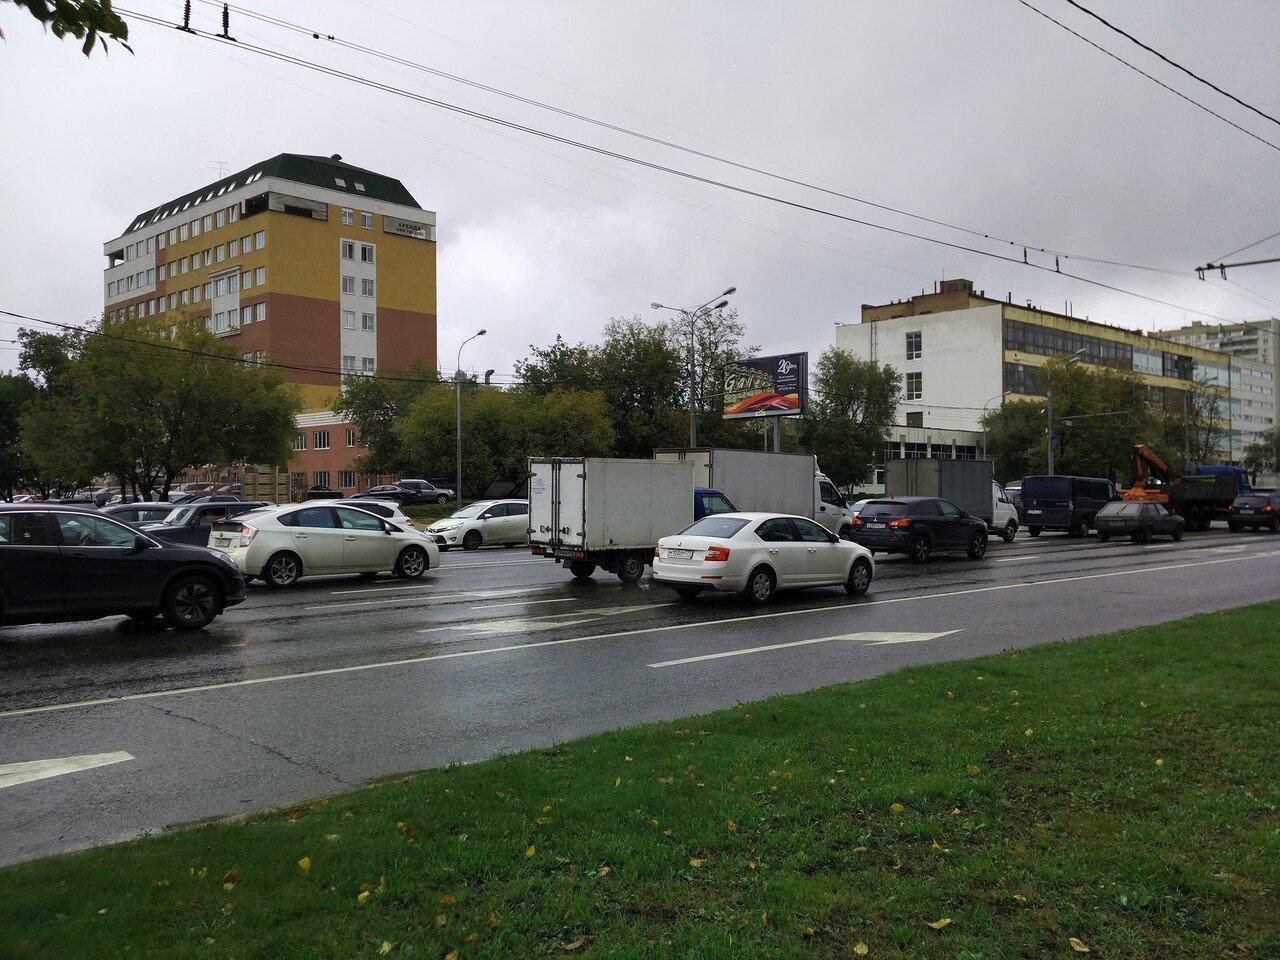 Щелковское шоссе. Пробка.